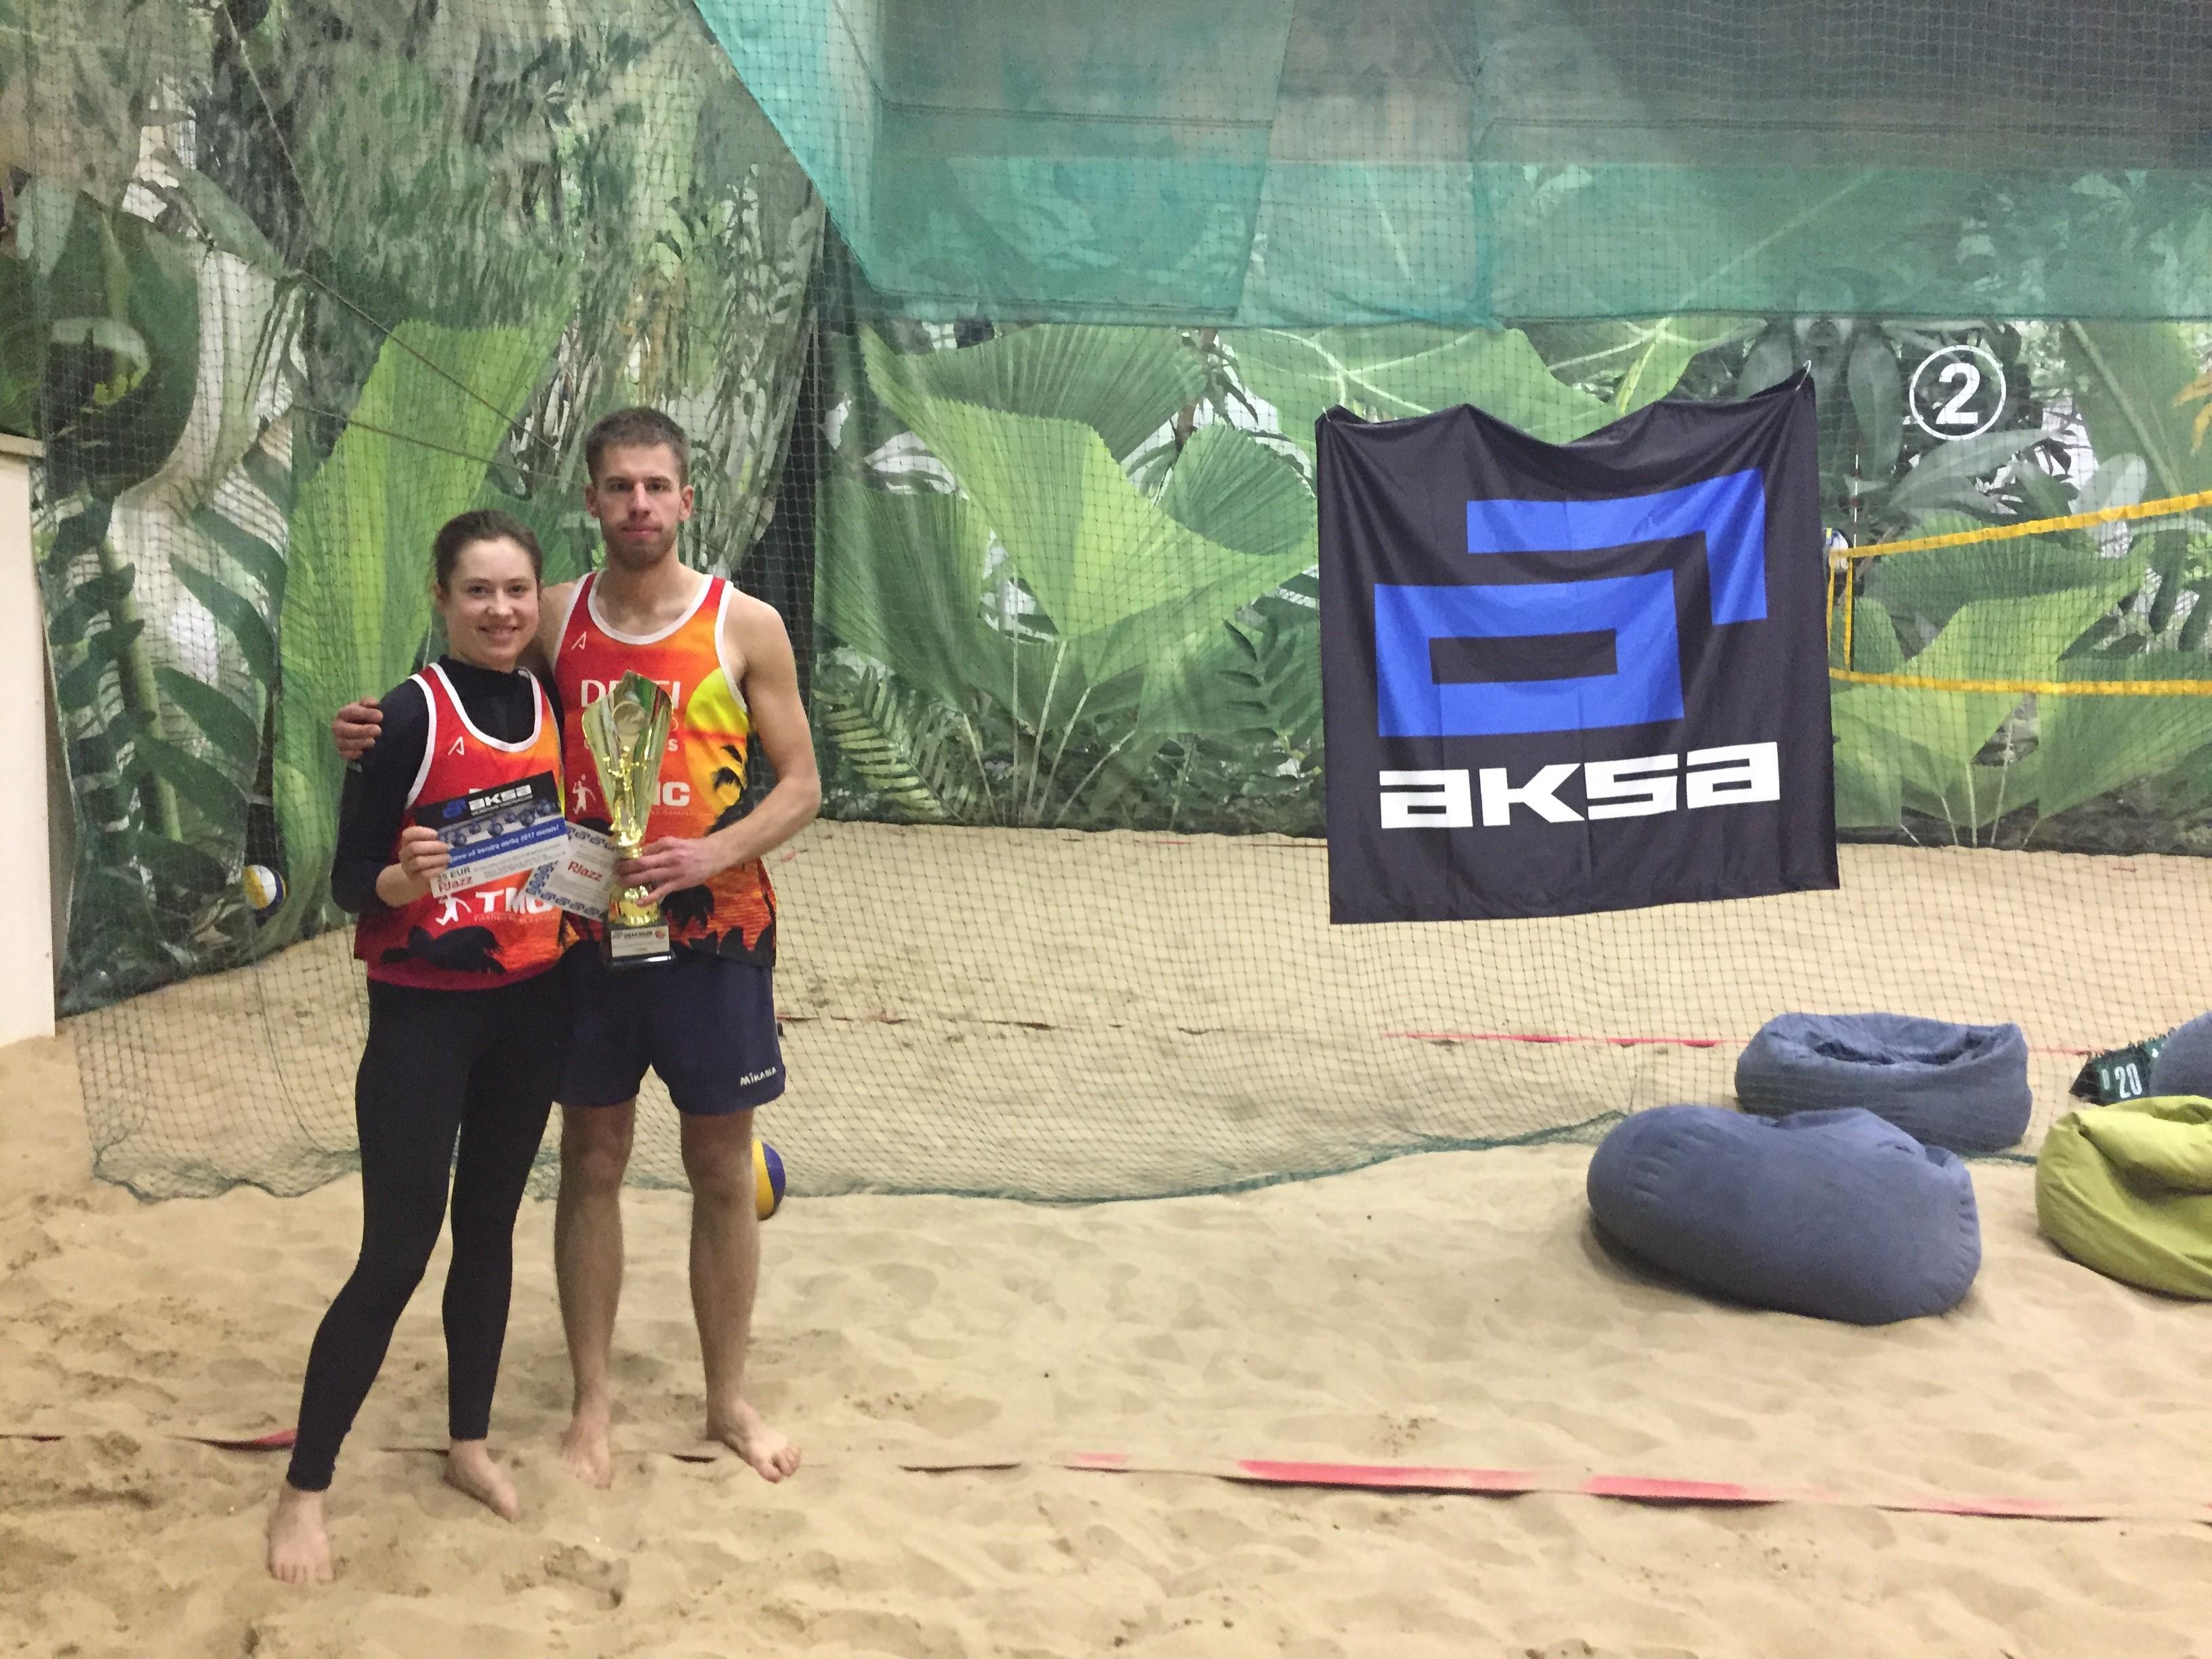 """Baigėsi AB """"AKSA"""" organizuotas paplūdimio tinklinio turnyras"""